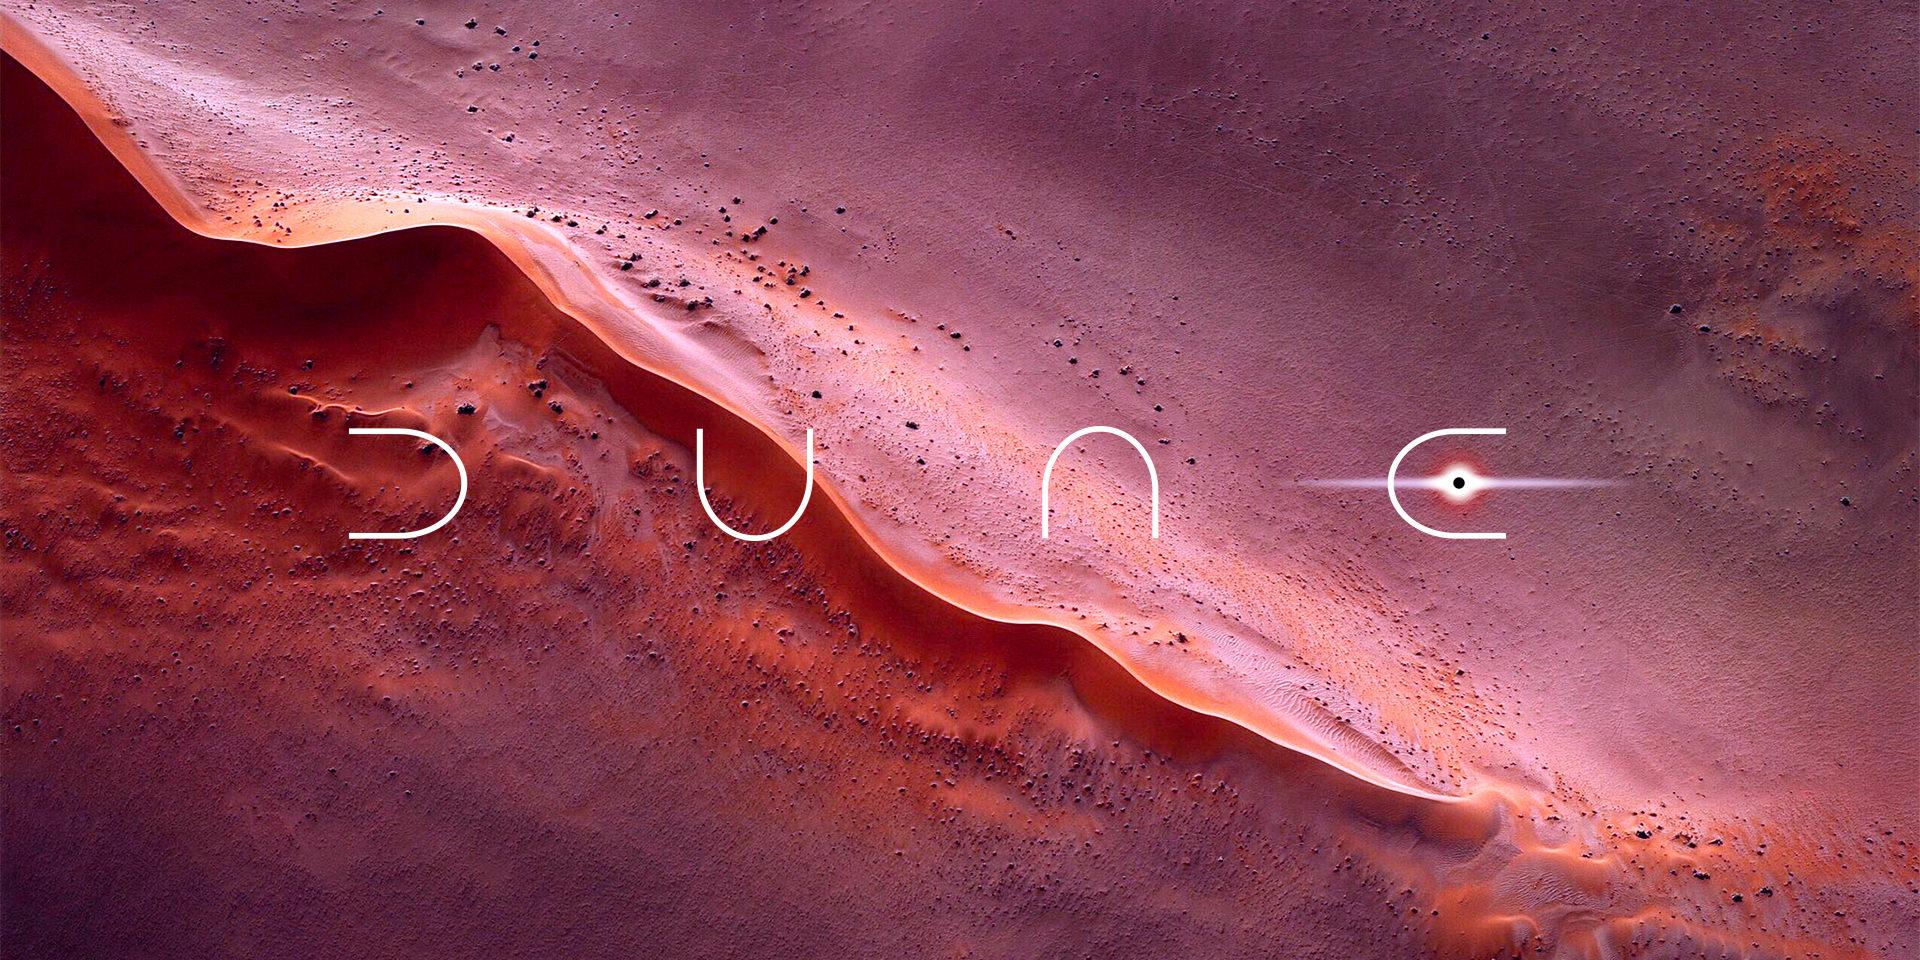 Perché Dune è così importante nell'universo fantascientifico thumbnail